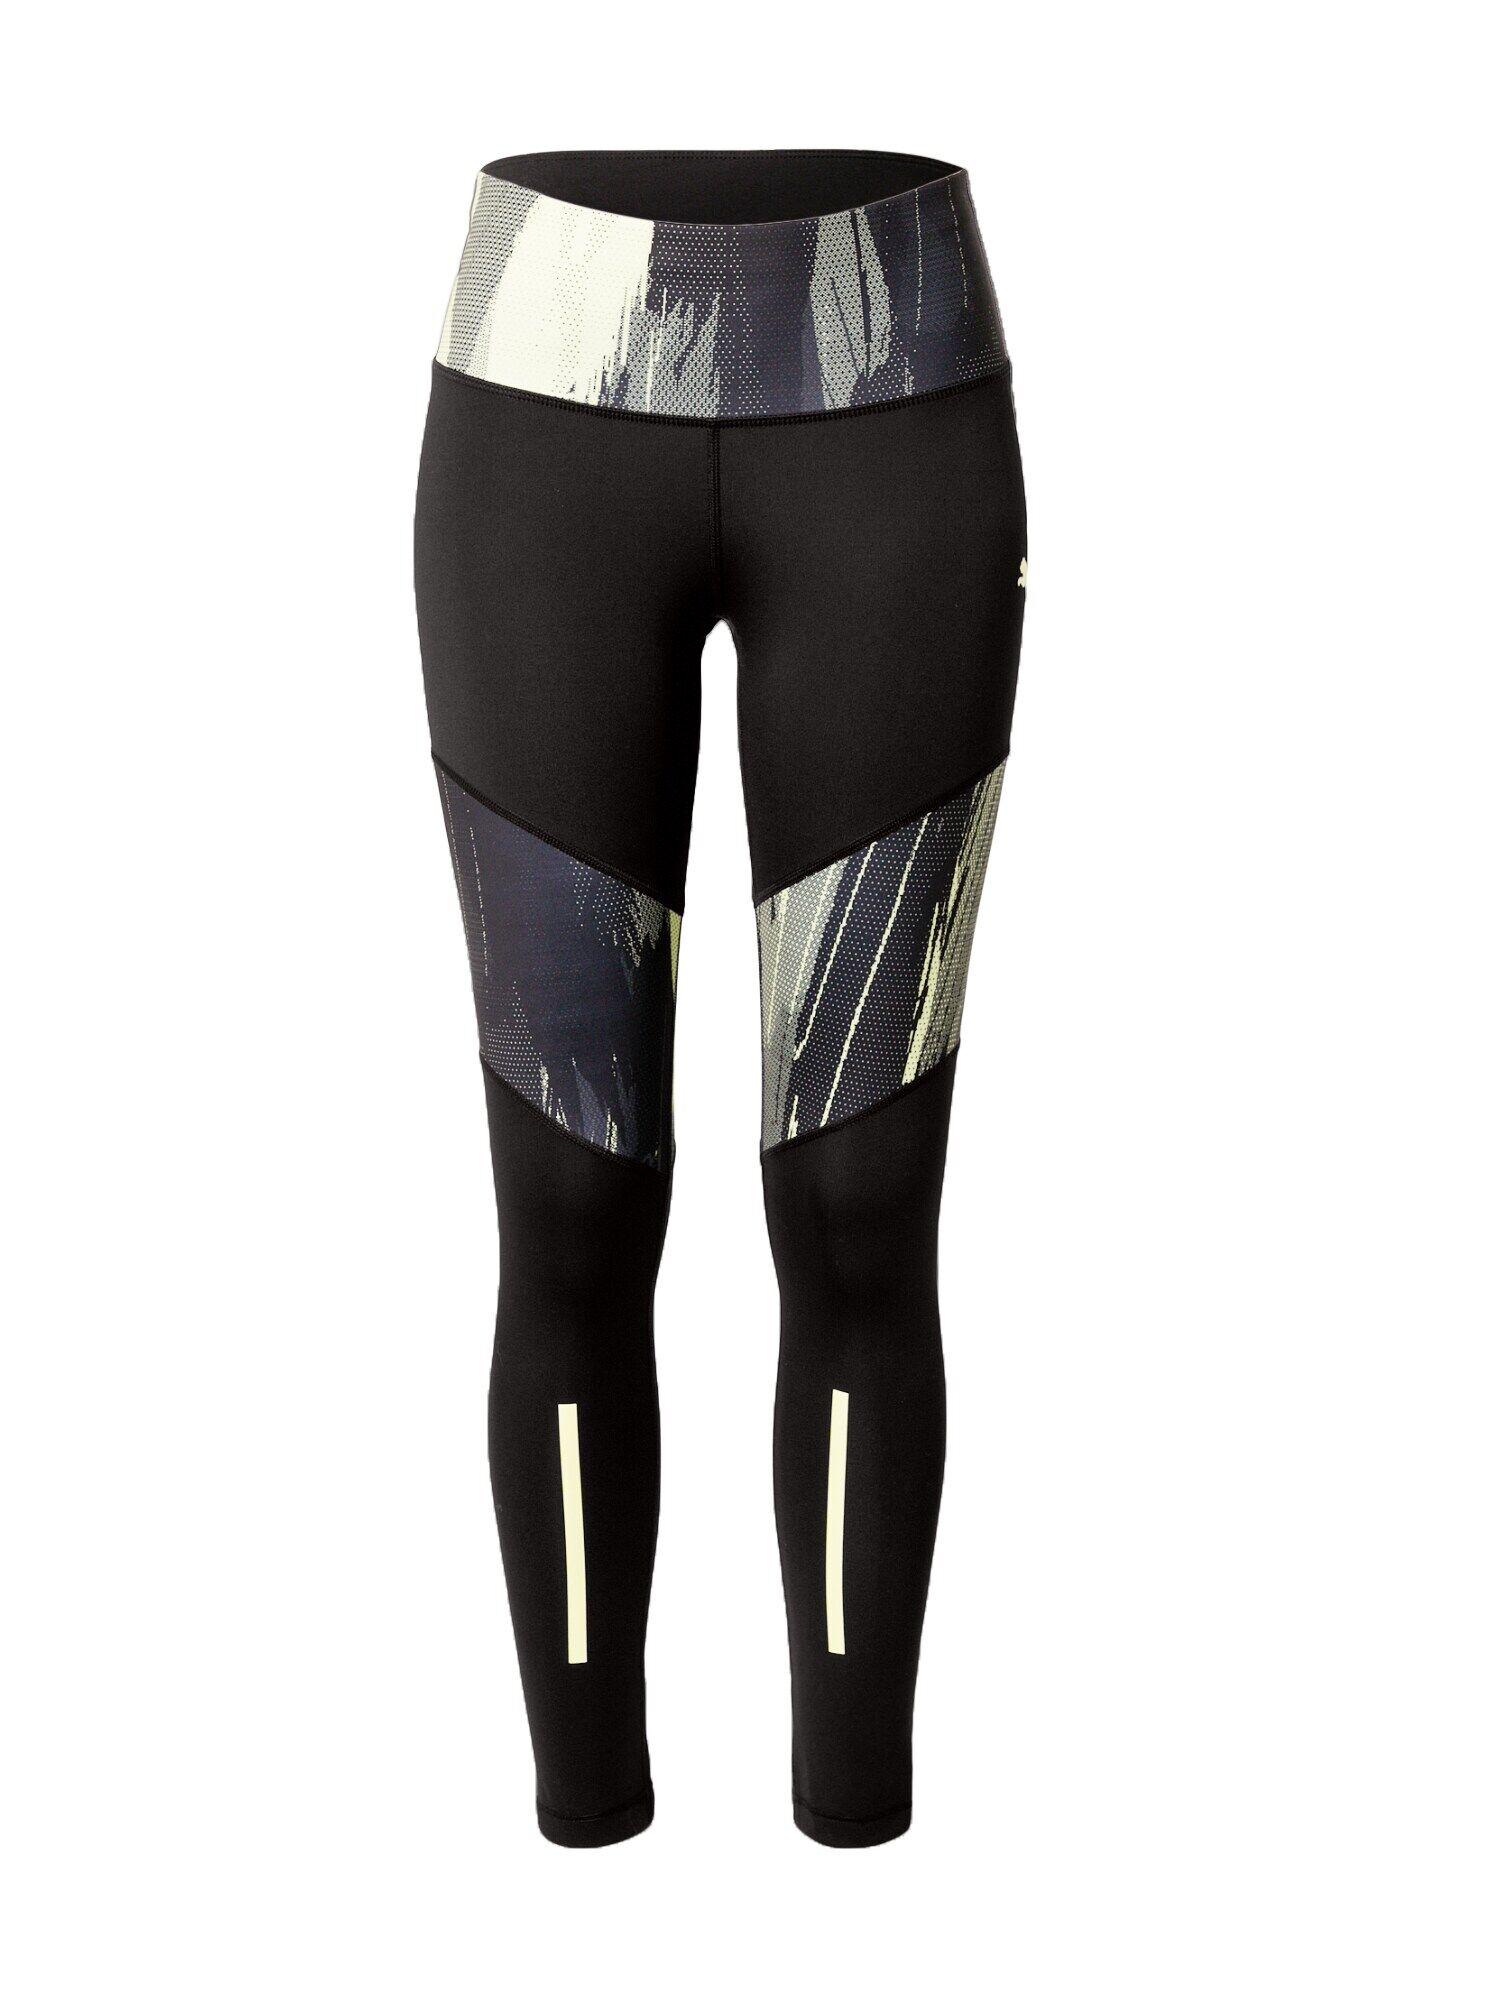 PUMA Pantalon de sport 'CUP'  - Noir - Taille: L - female